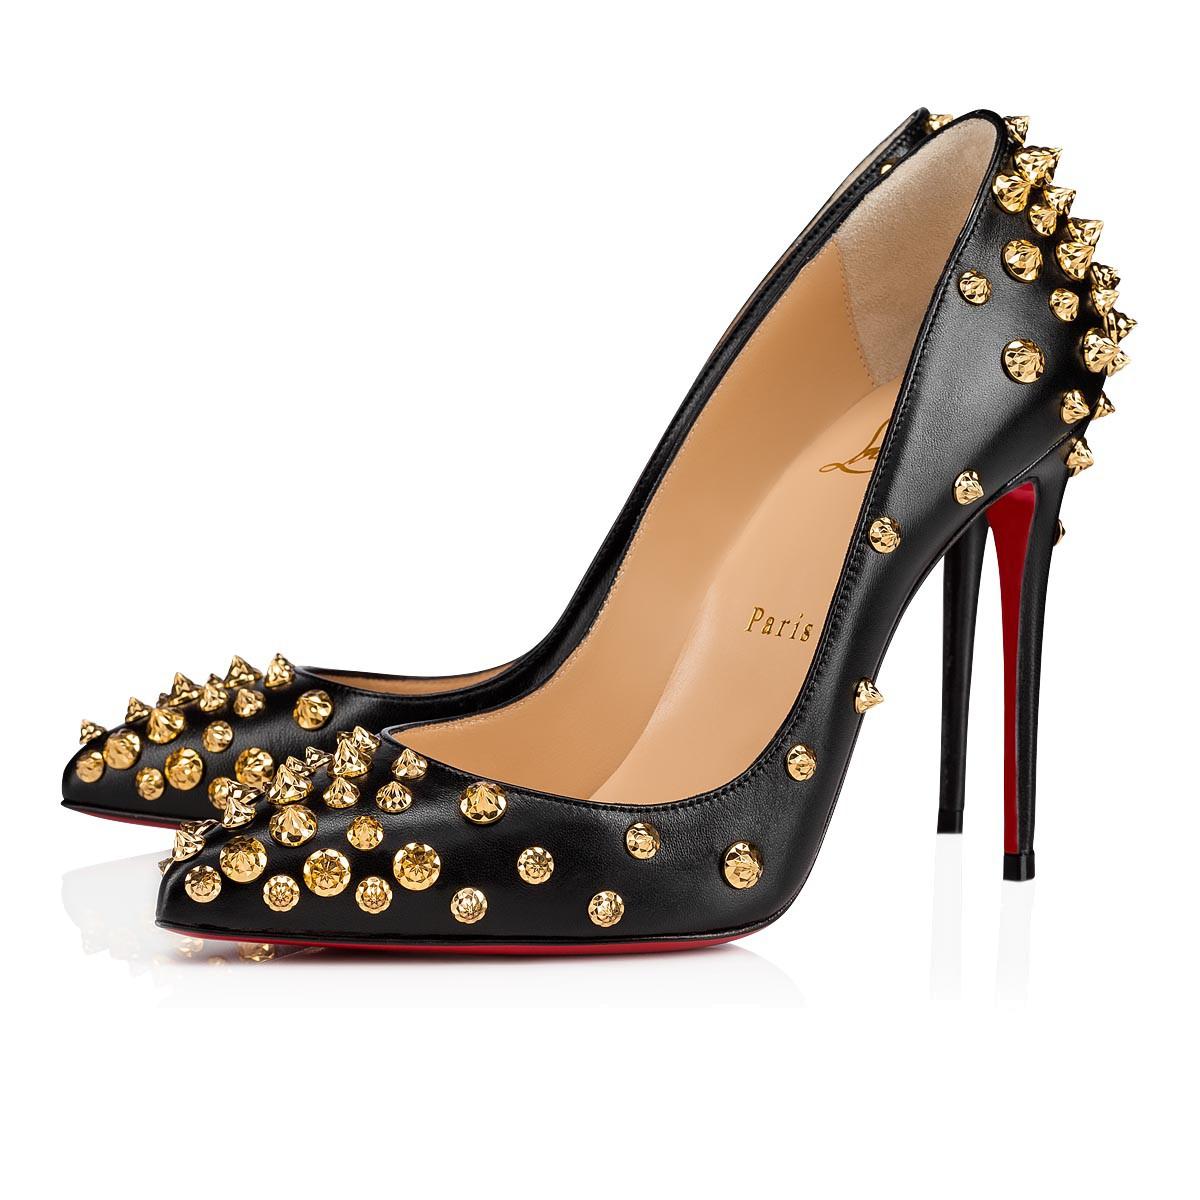 鞋履 - Aimantaclou 100 Nappa - Christian Louboutin